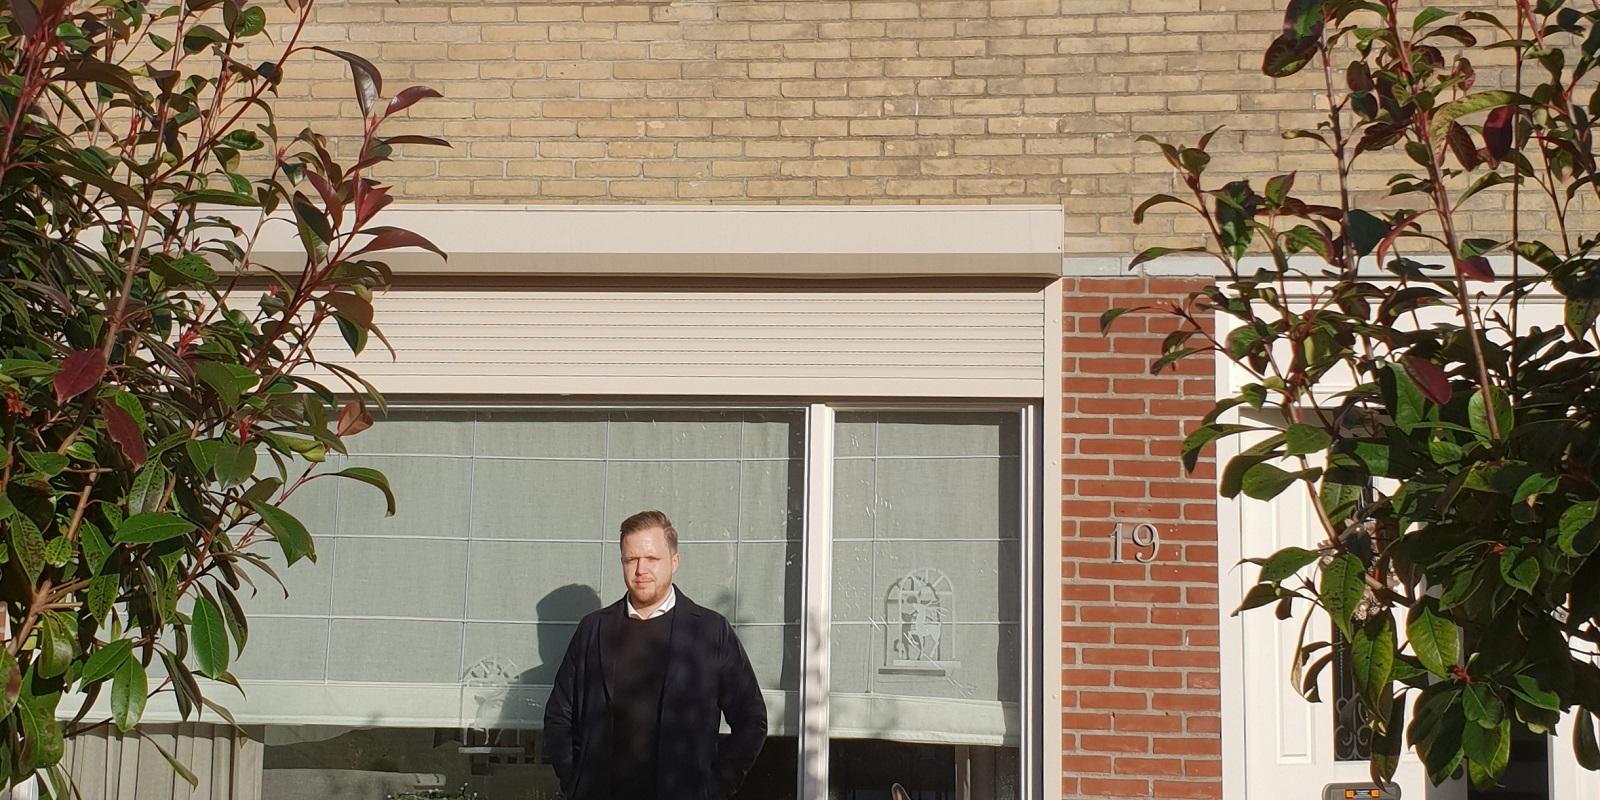 Huis kopen als ondernemer